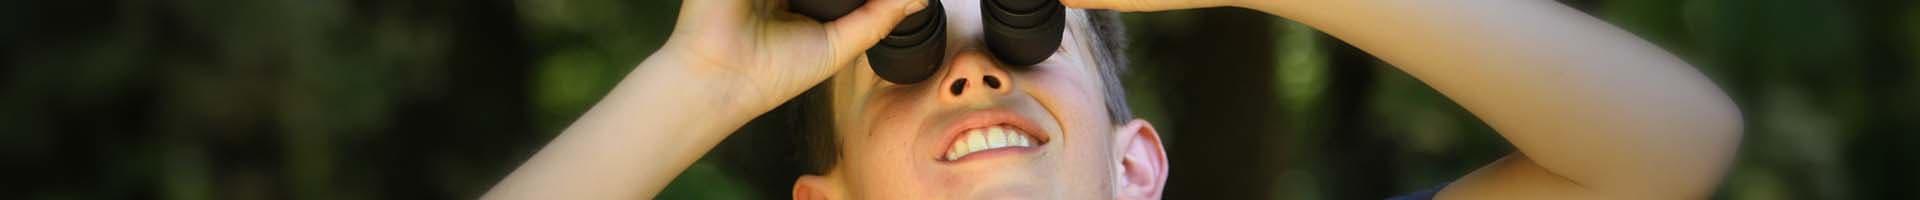 Slideground_Secondary_Binoculars